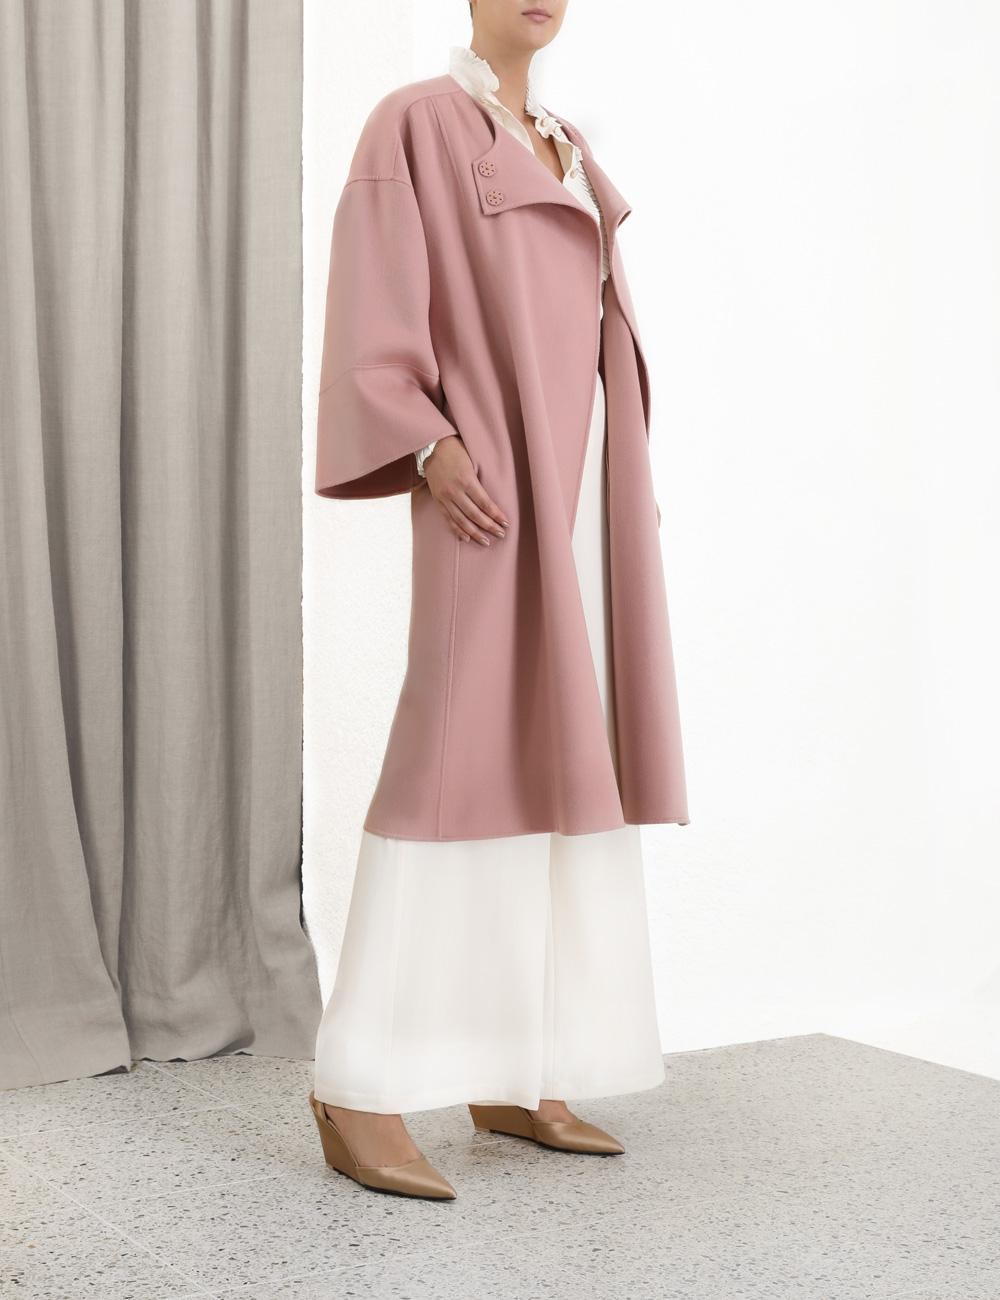 Wavelength Blanket Coat